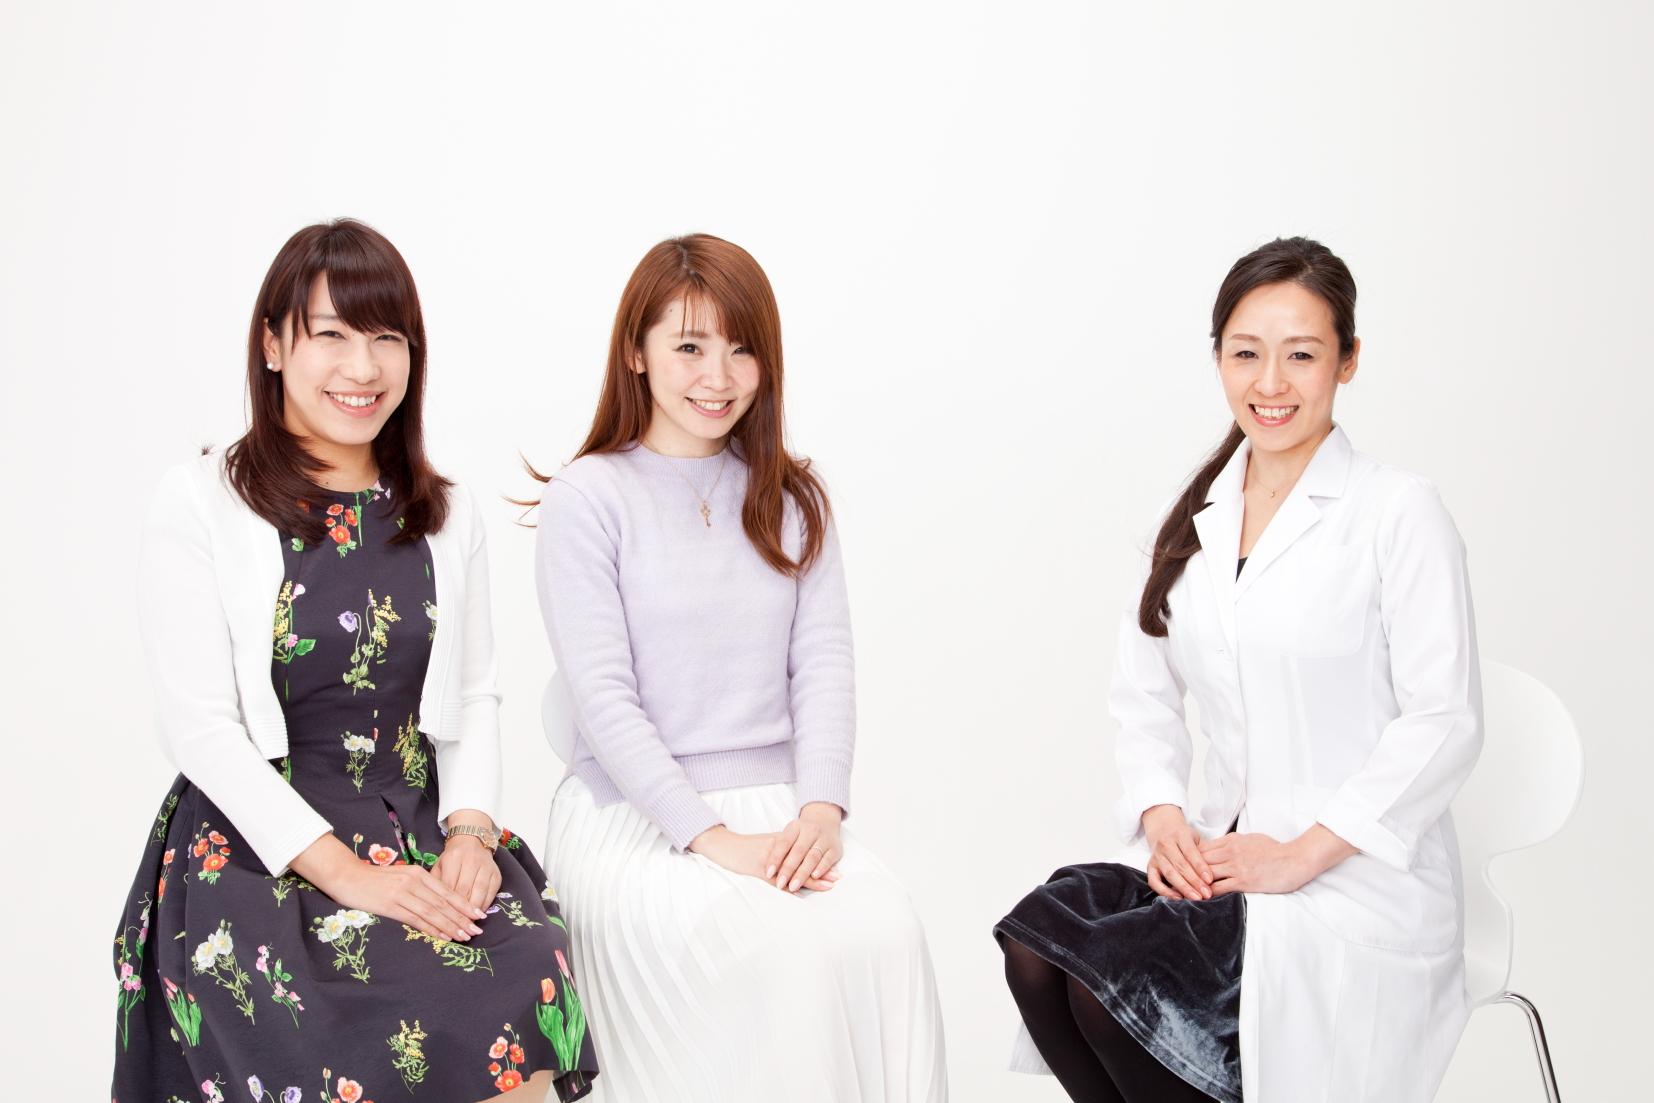 食改善チームのふたり。左から、櫻井智絵さん、井上あずささん。